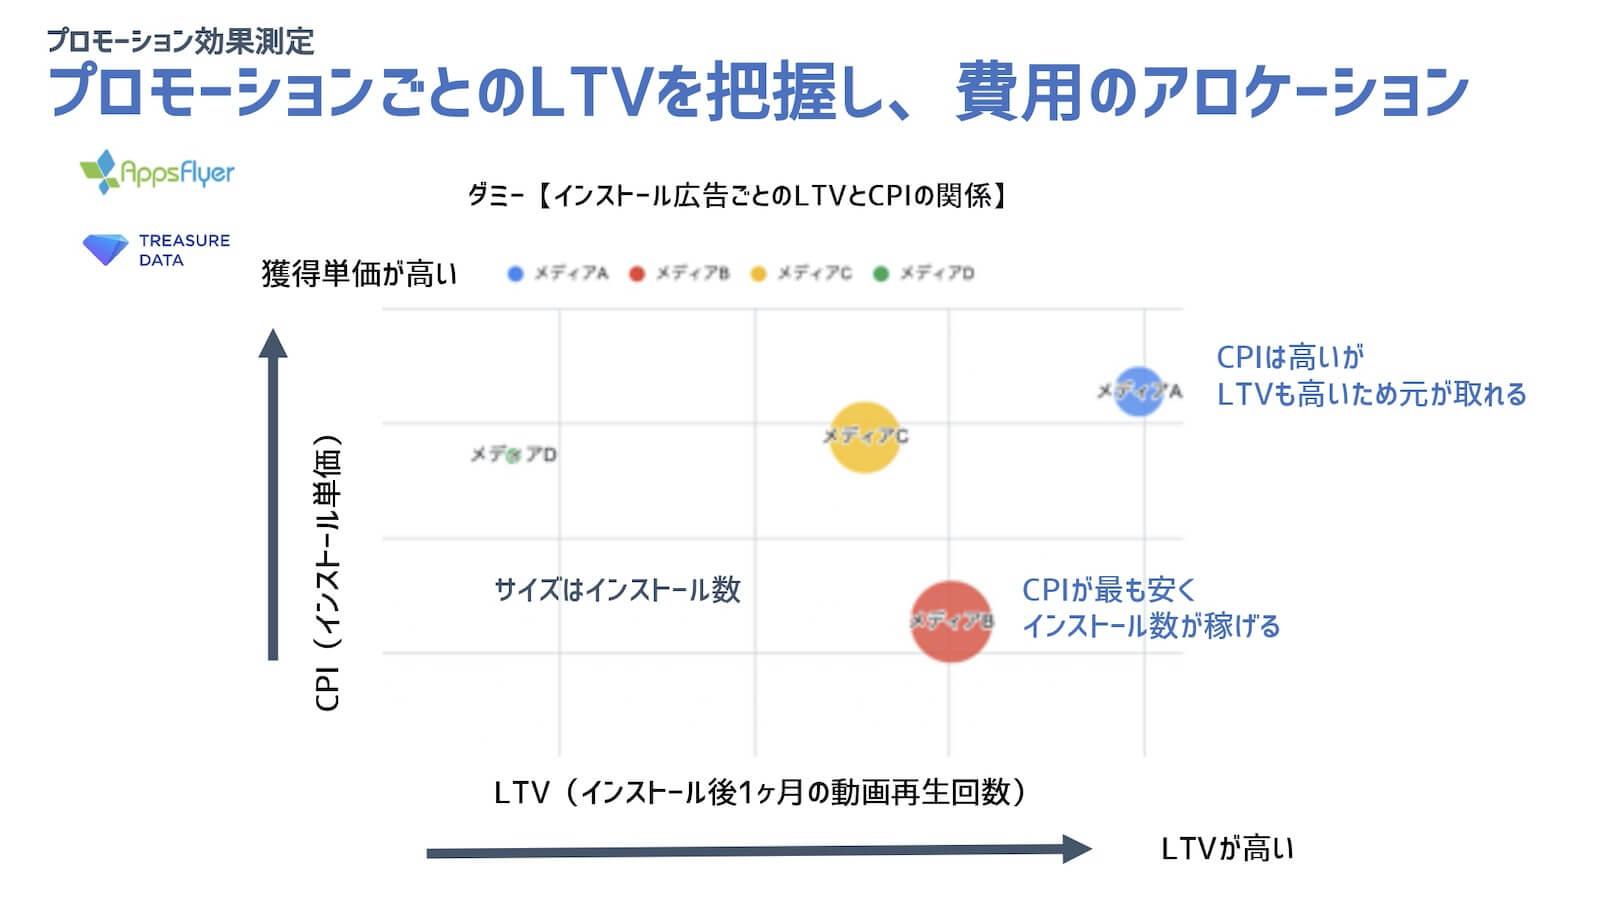 ダミー【インストール広告ごとのLTVとCPIの関係】